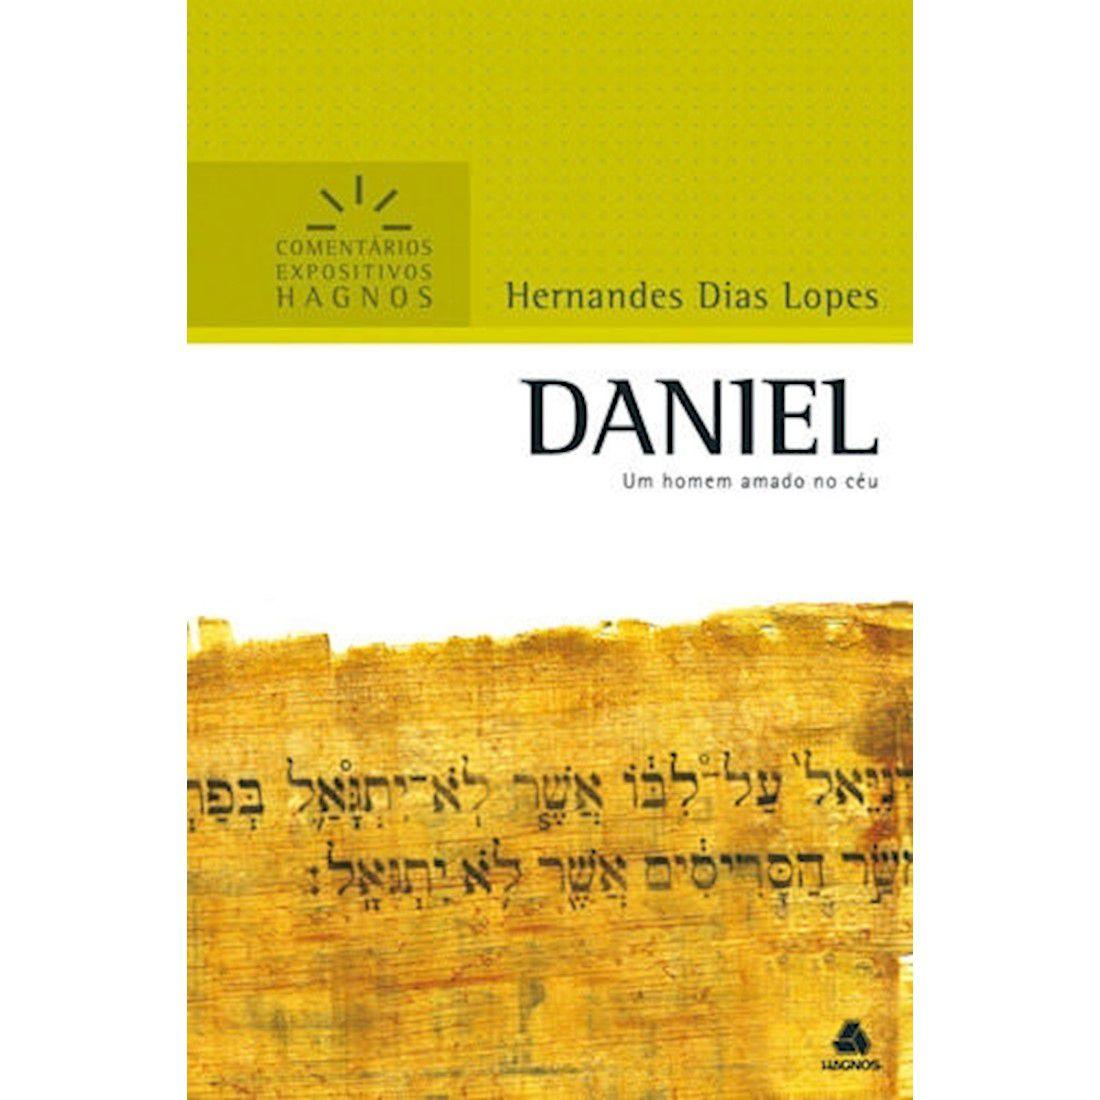 Livro Daniel | Comentários Expositivos Hagnos